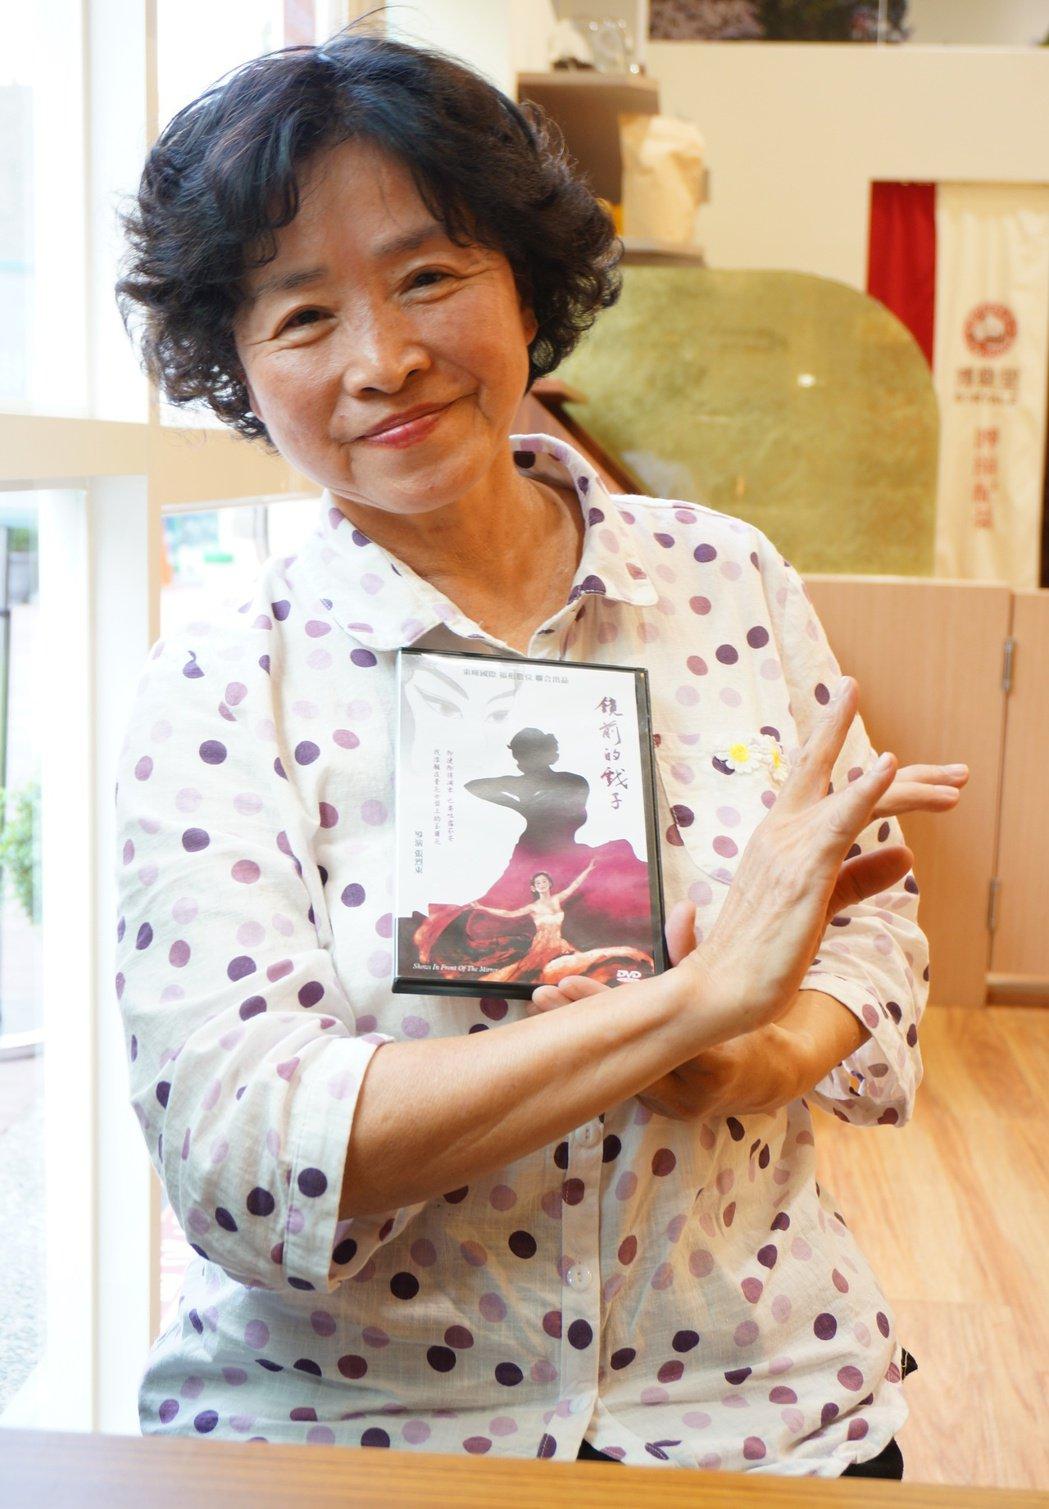 陳惠蘭坦然面對老公外遇,也拍入紀錄片。記者林伯驊/攝影